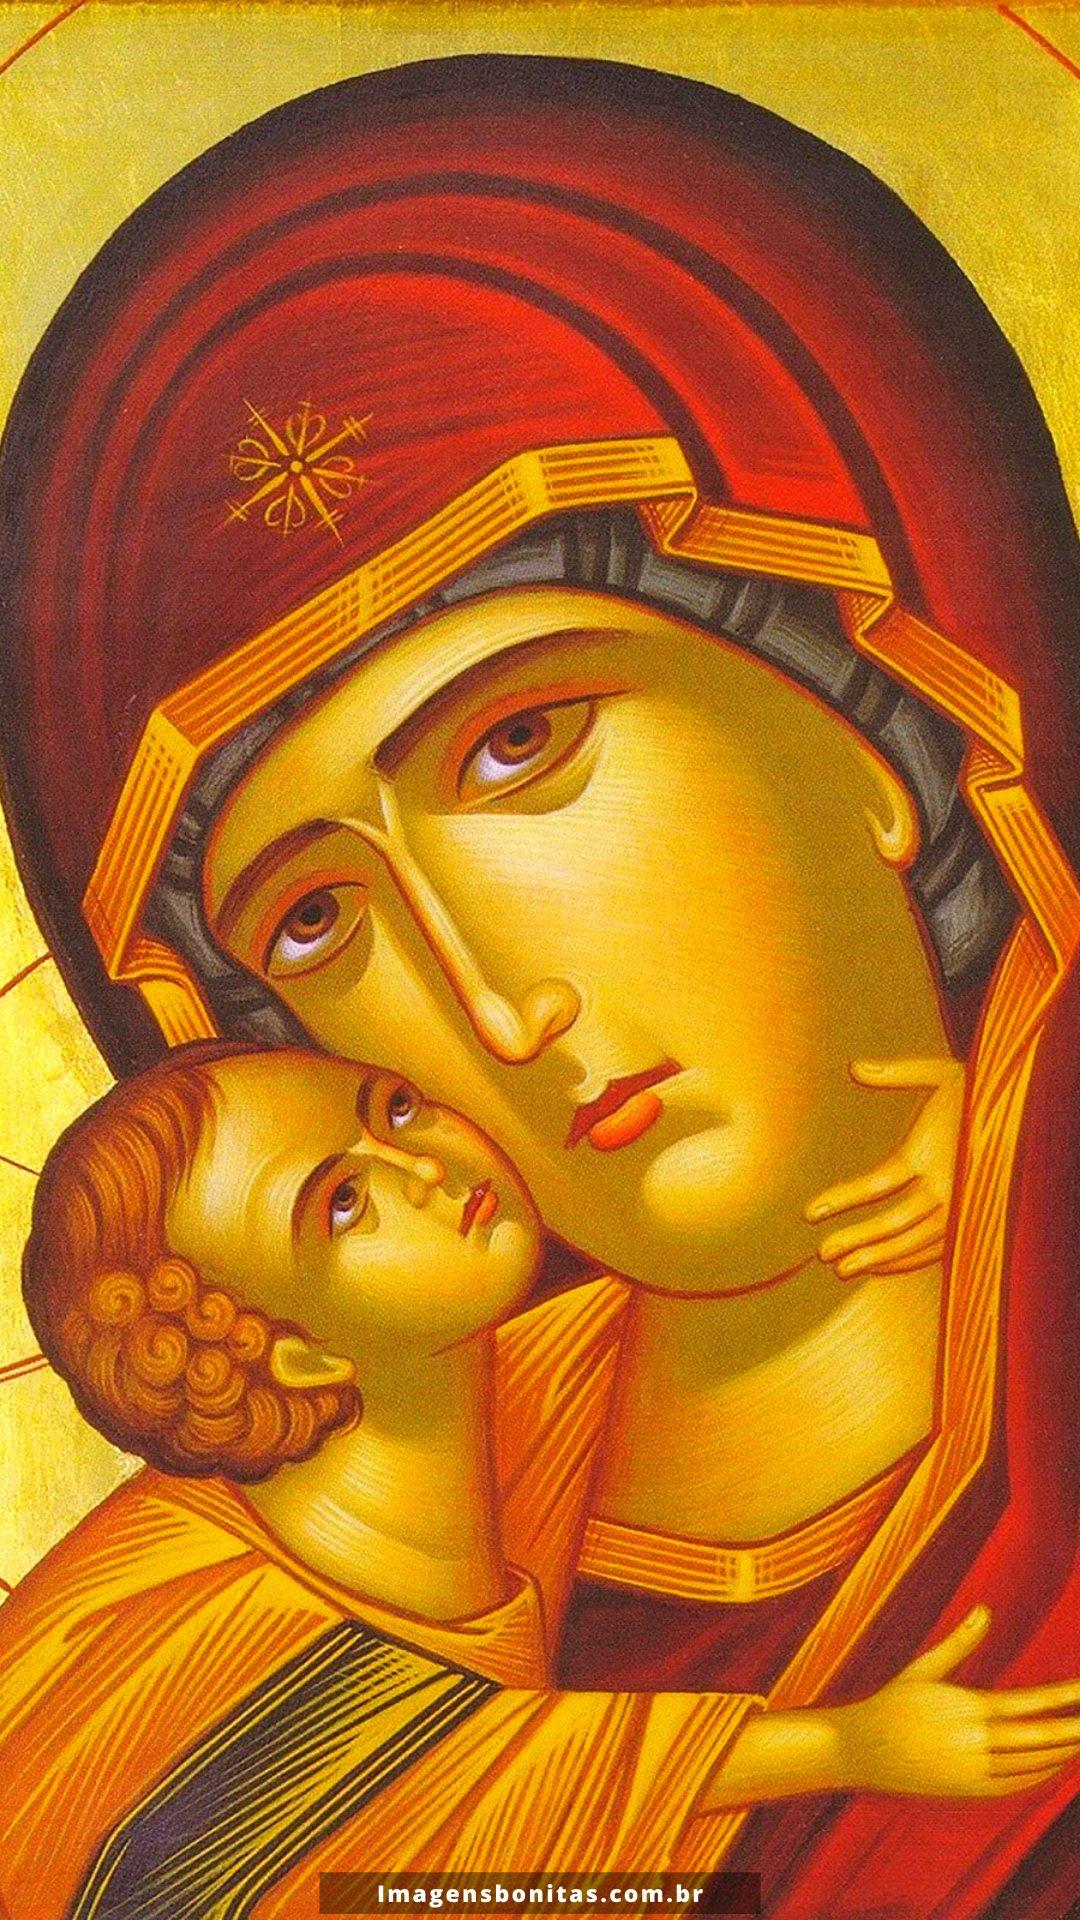 Wallpaper do Menino Jesus com a Virgem Maria para celular